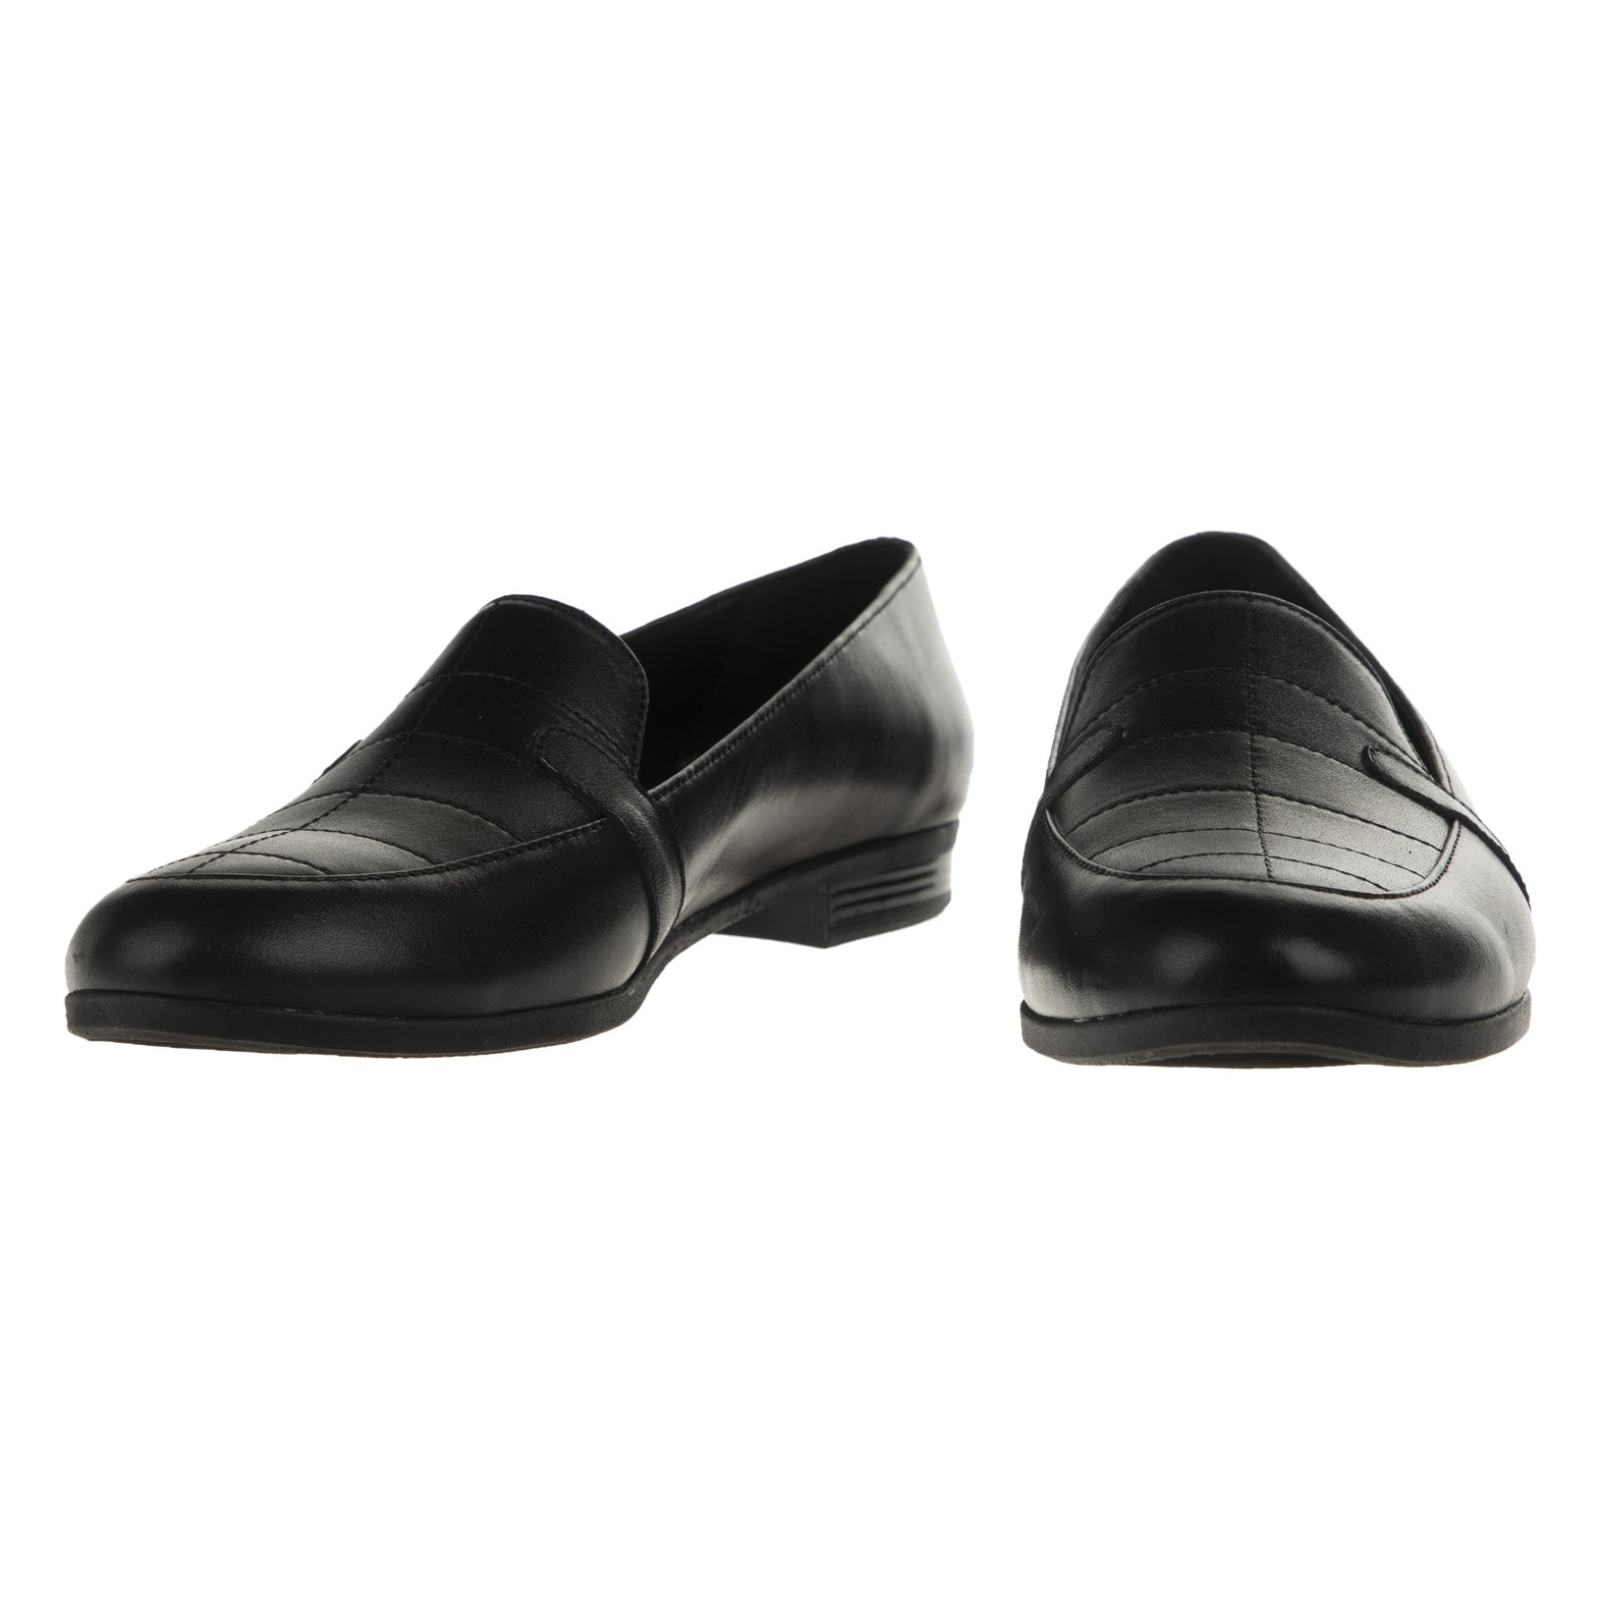 کفش زنانه شیفر مدل 5263A-101 -  - 7